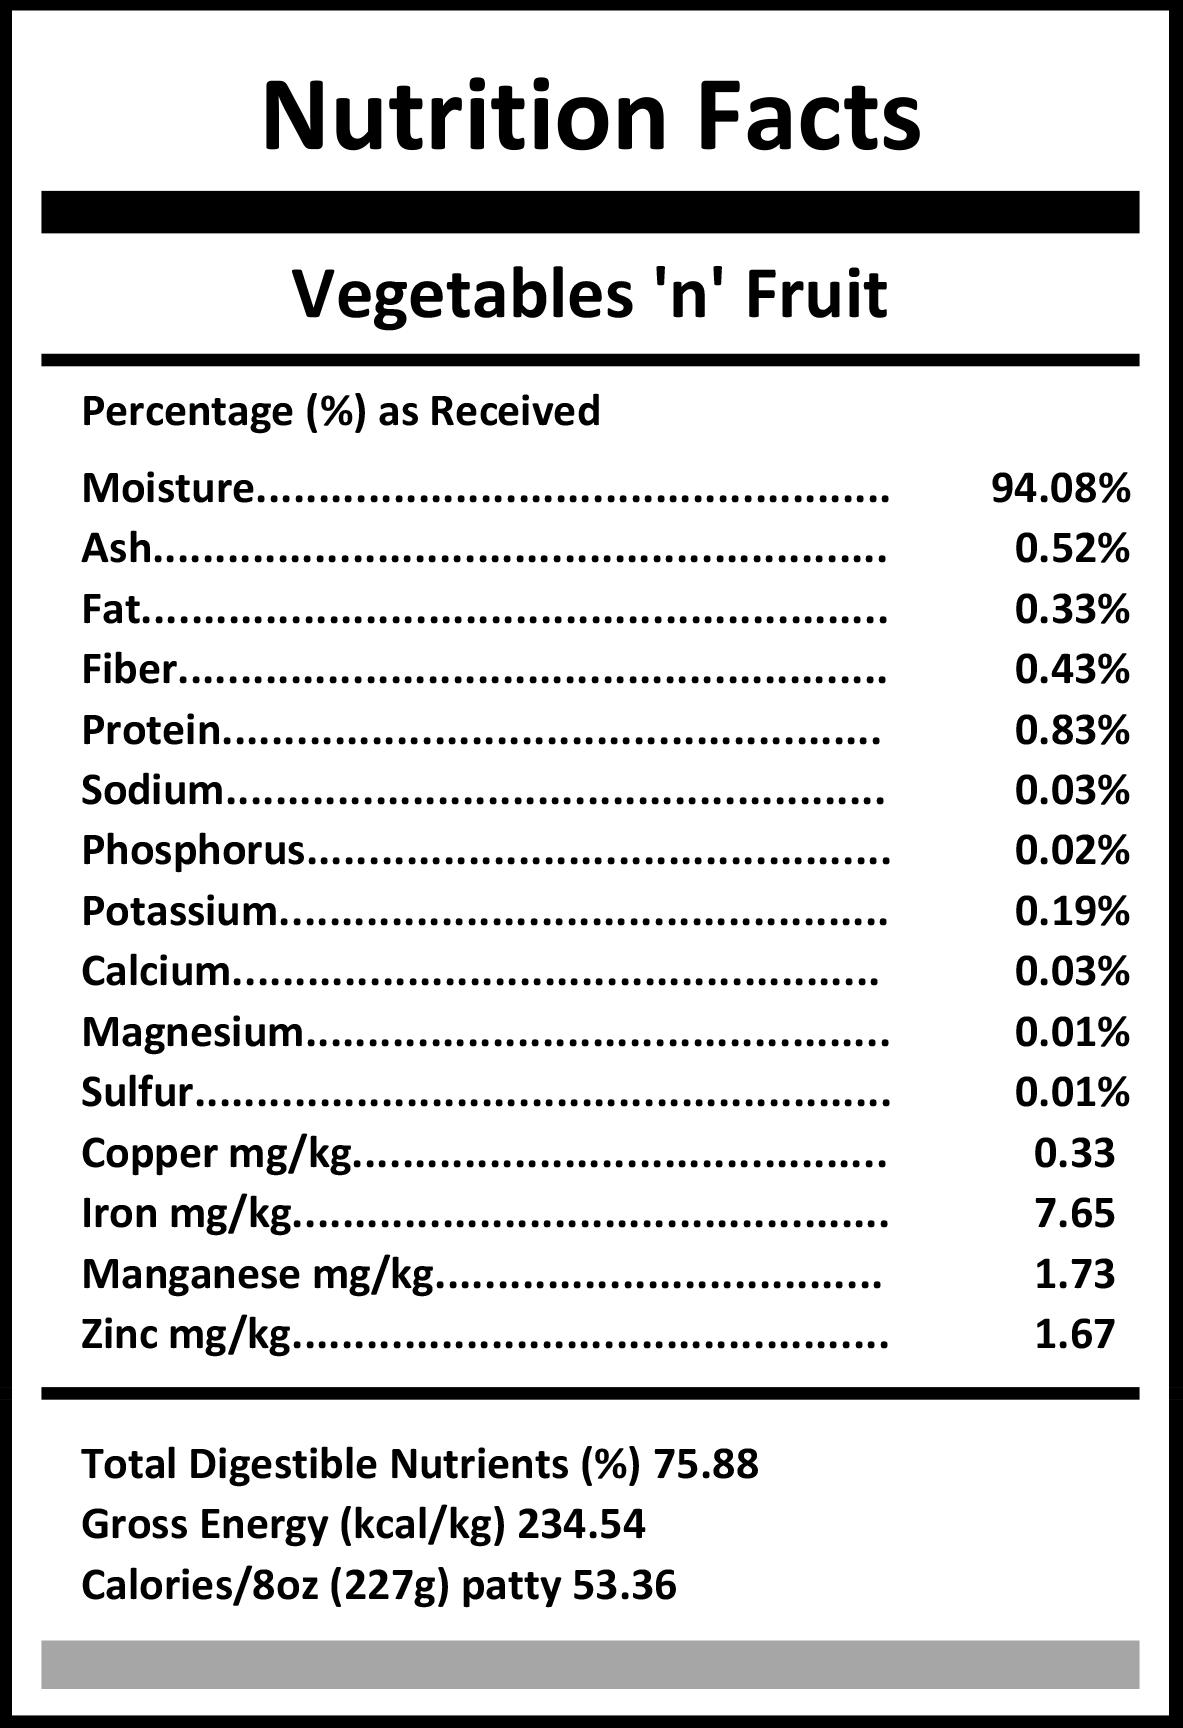 veg n fruit 2019 2